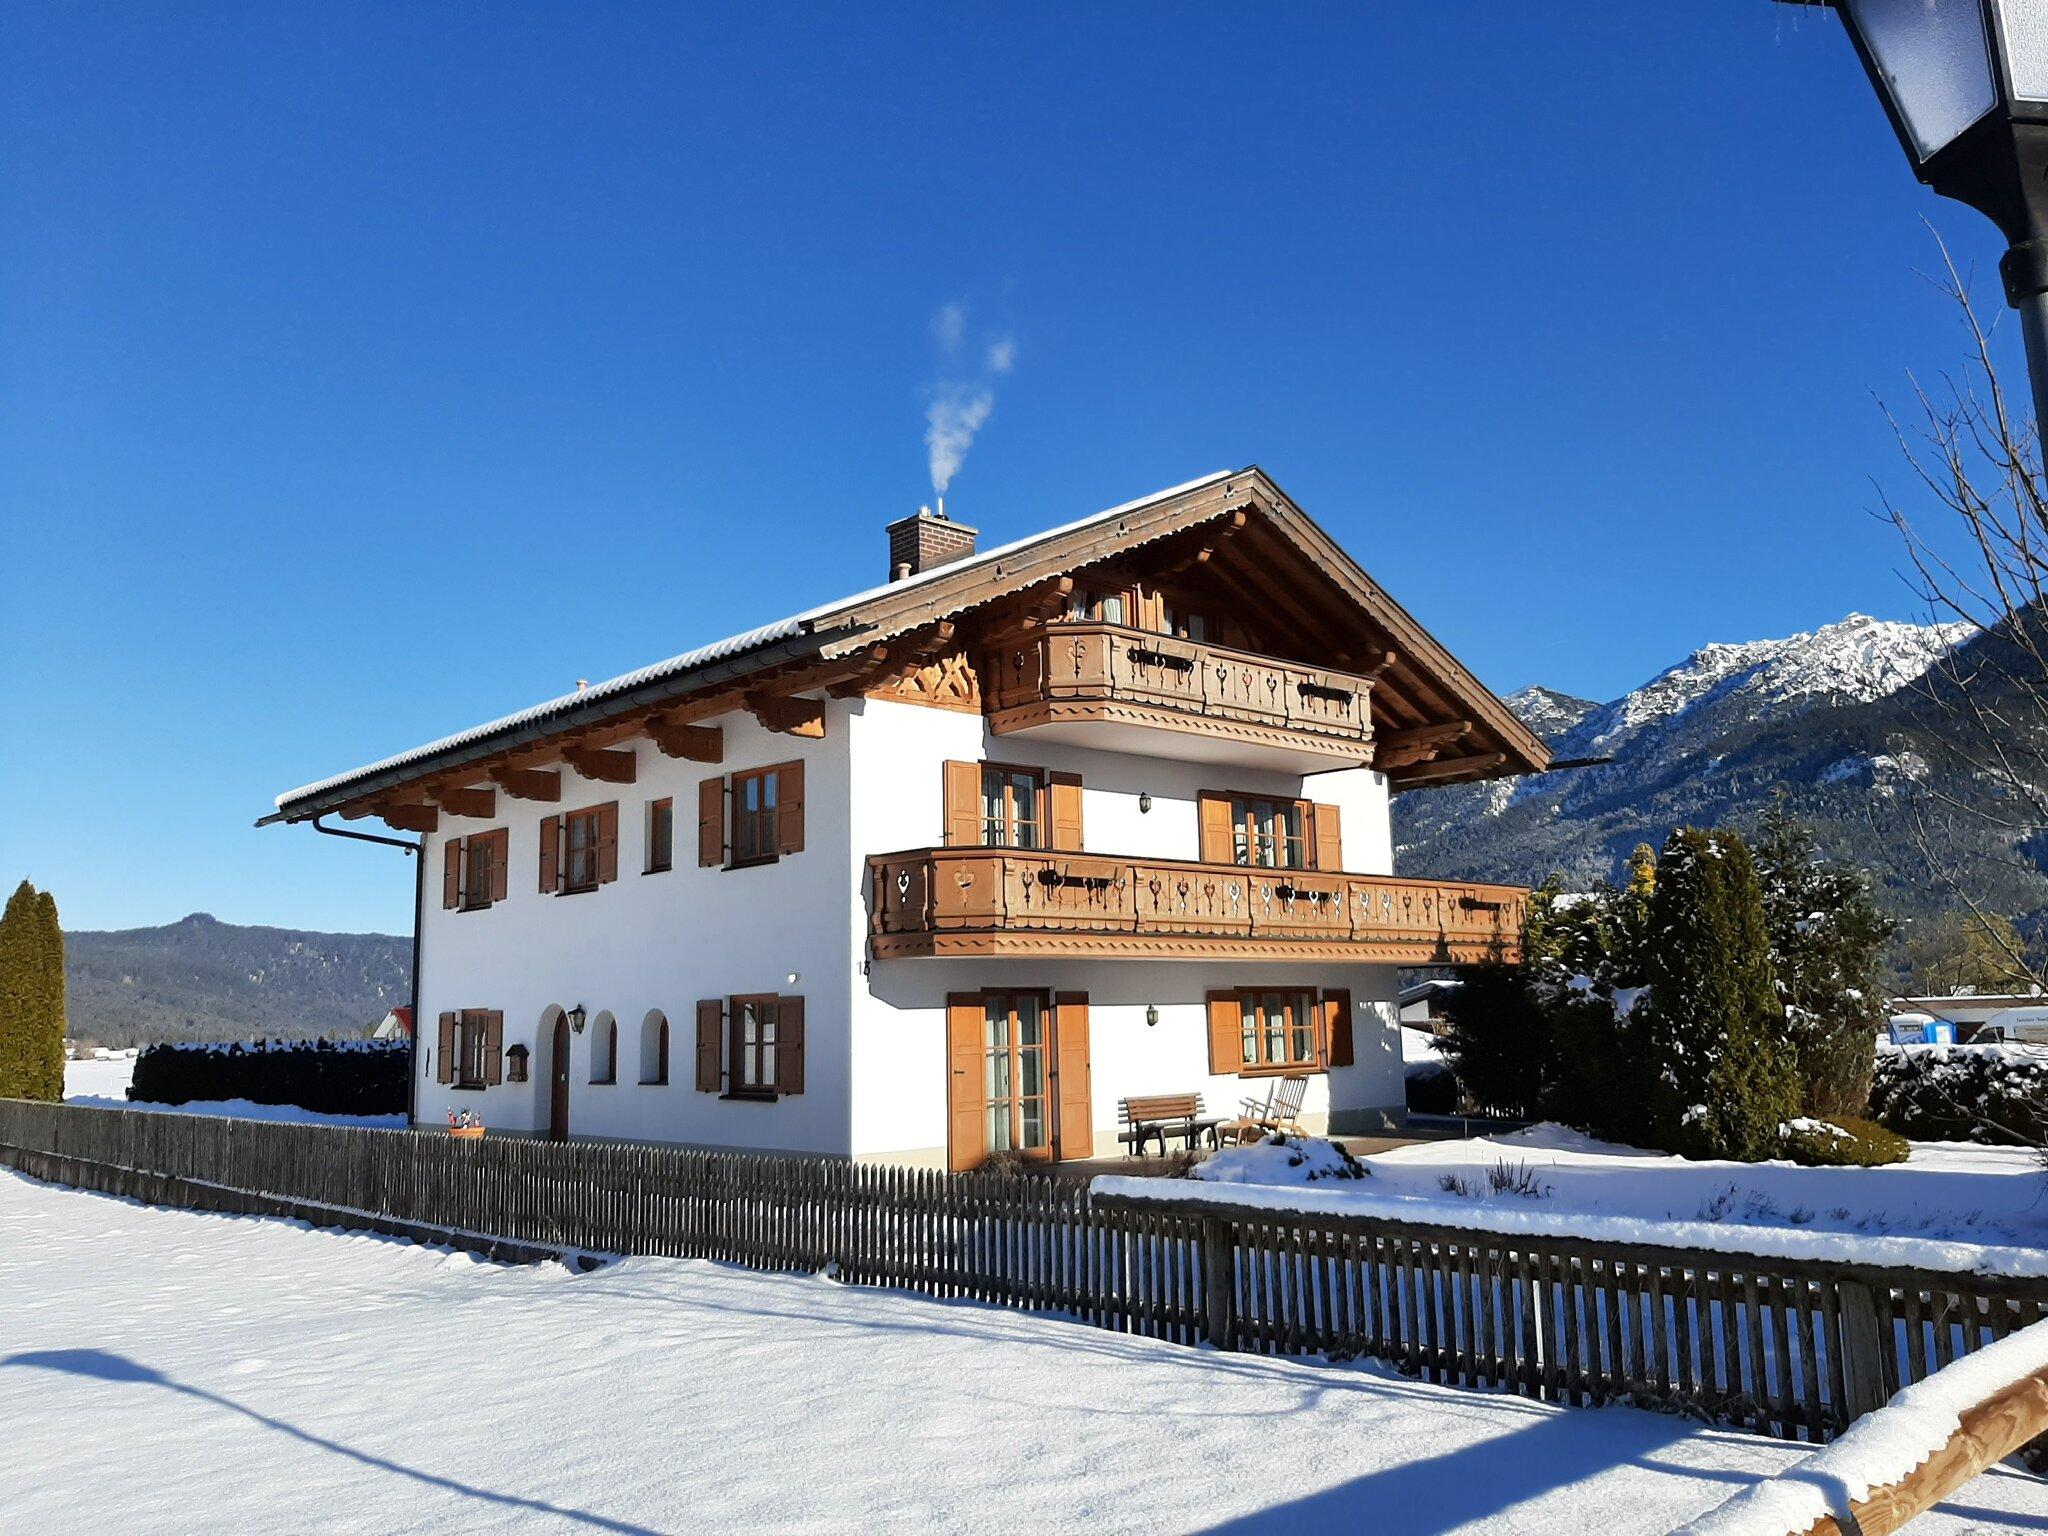 Vorderansicht Haus im Winter